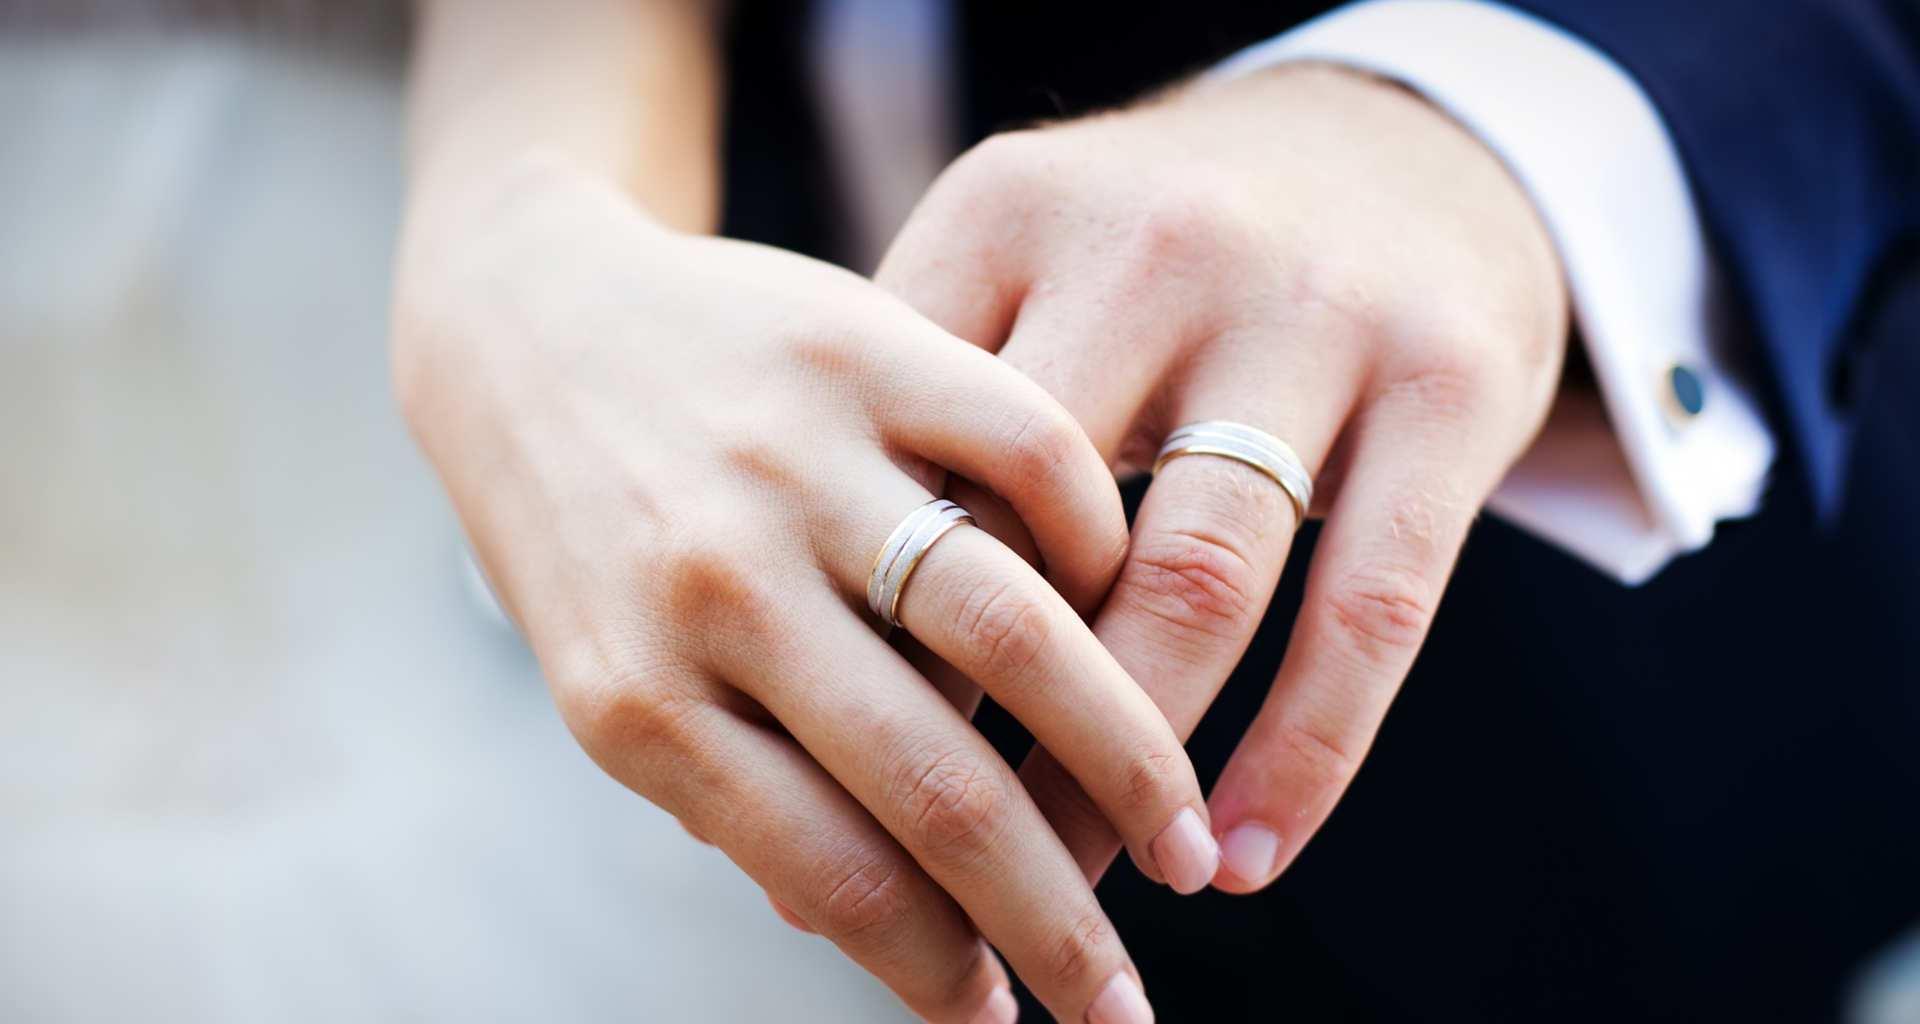 Iščete prstan? Pomagali vam bomo najti pravi prstan